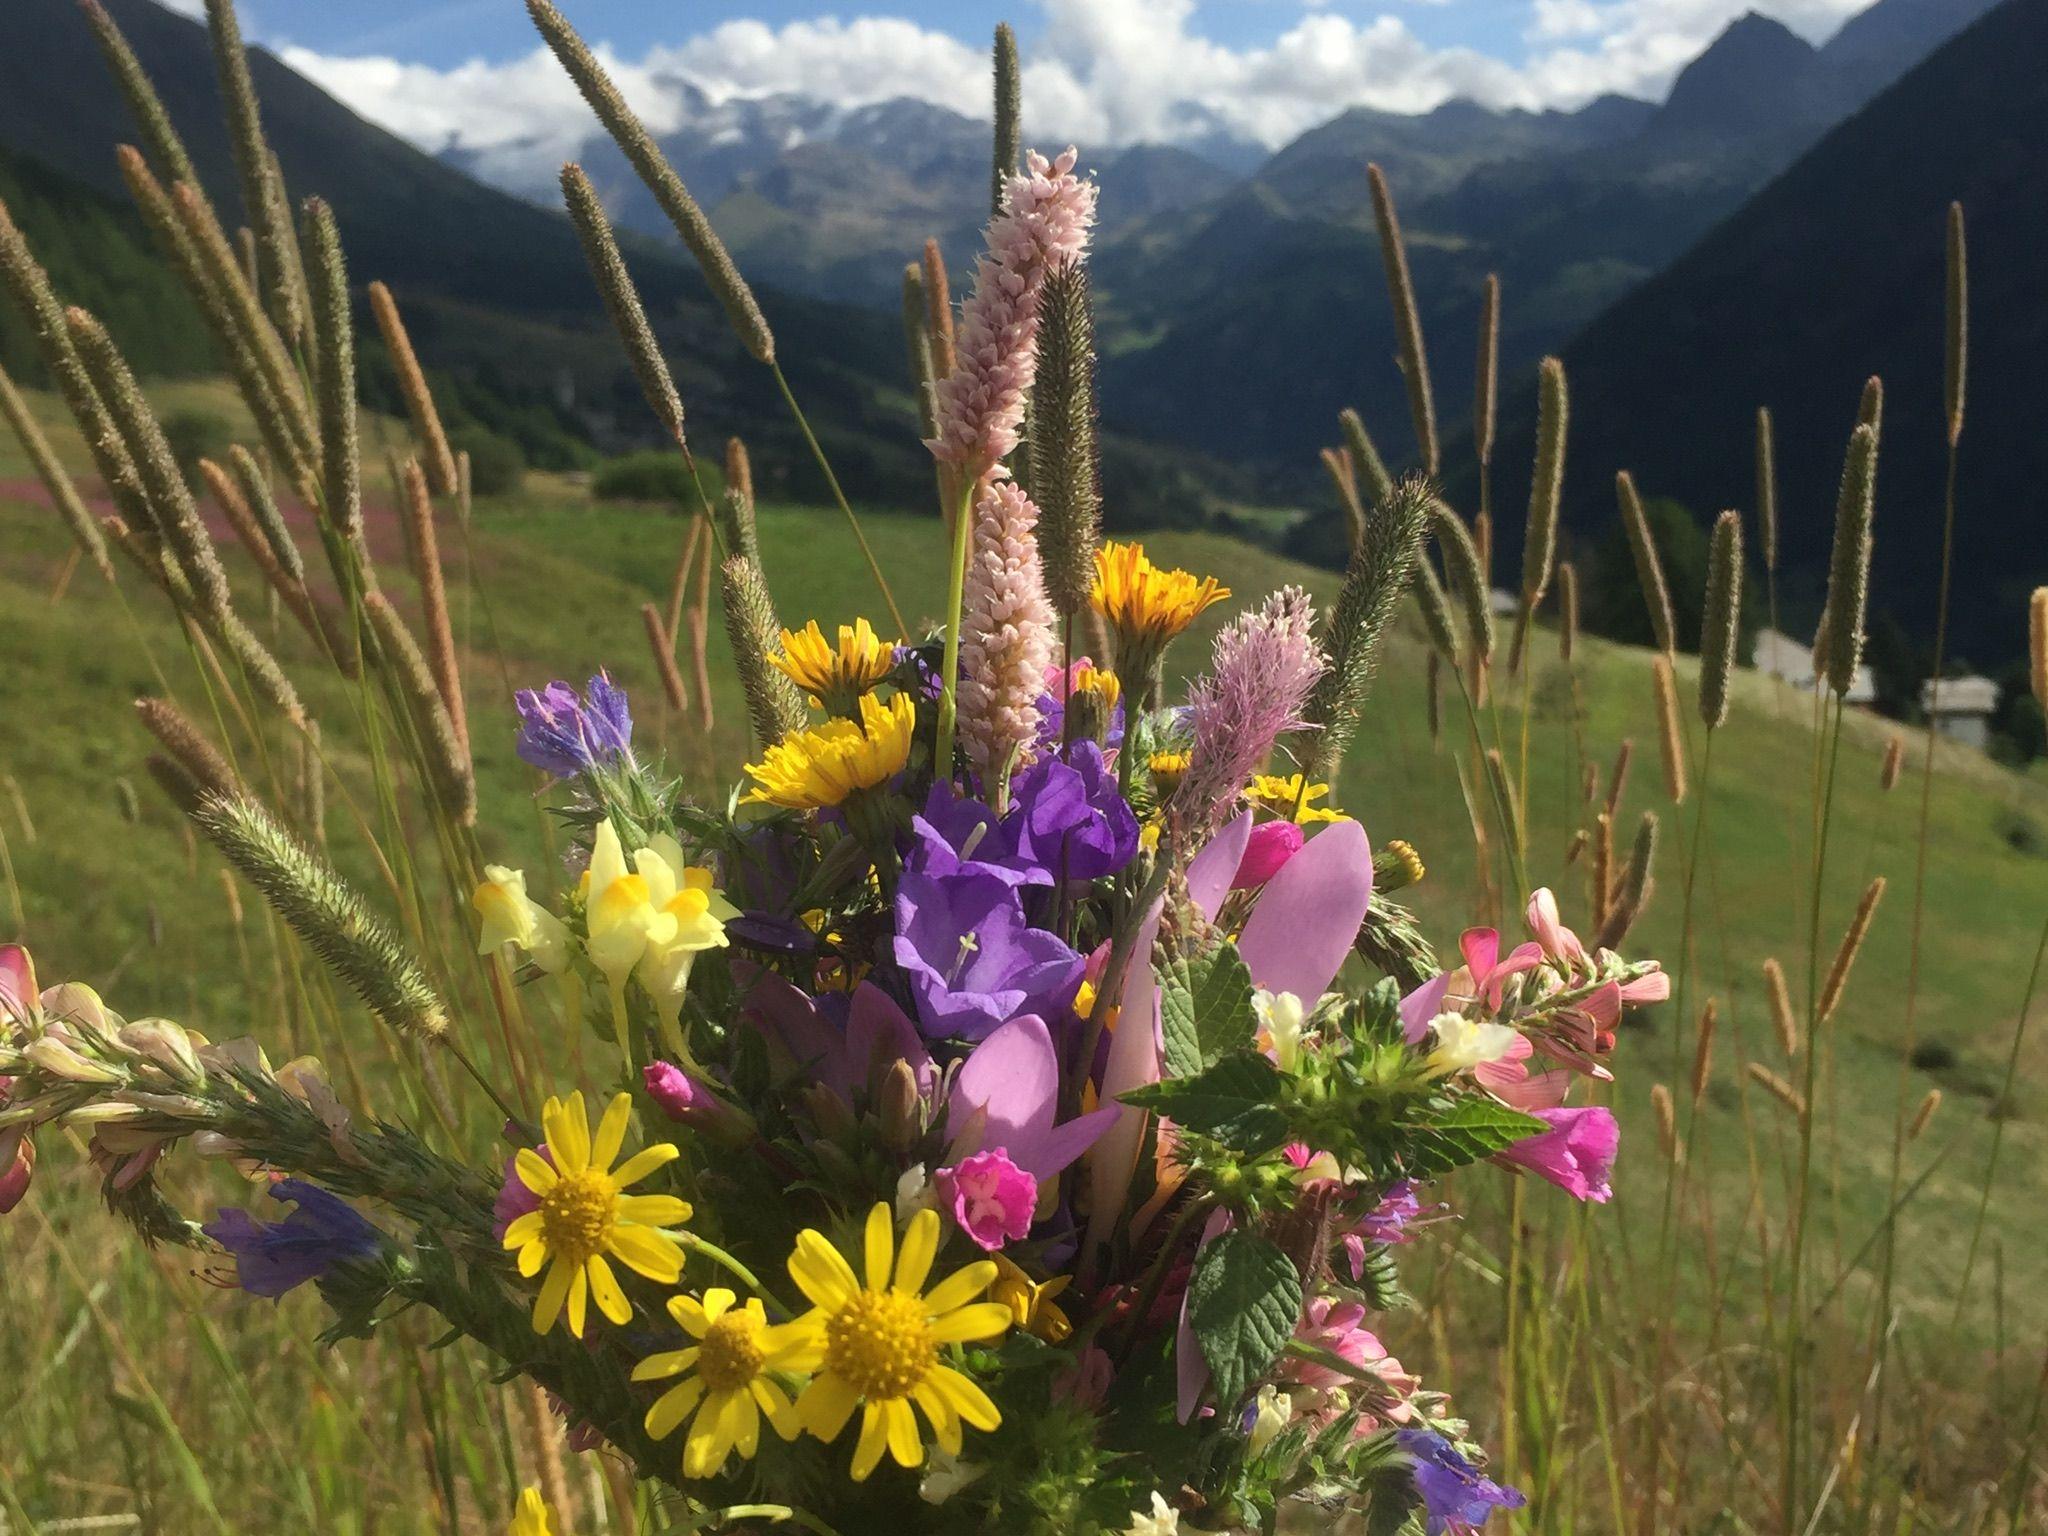 Fiori Da Giardino In Montagna fiori di montagna | composizioni floreali, fiori, floreale